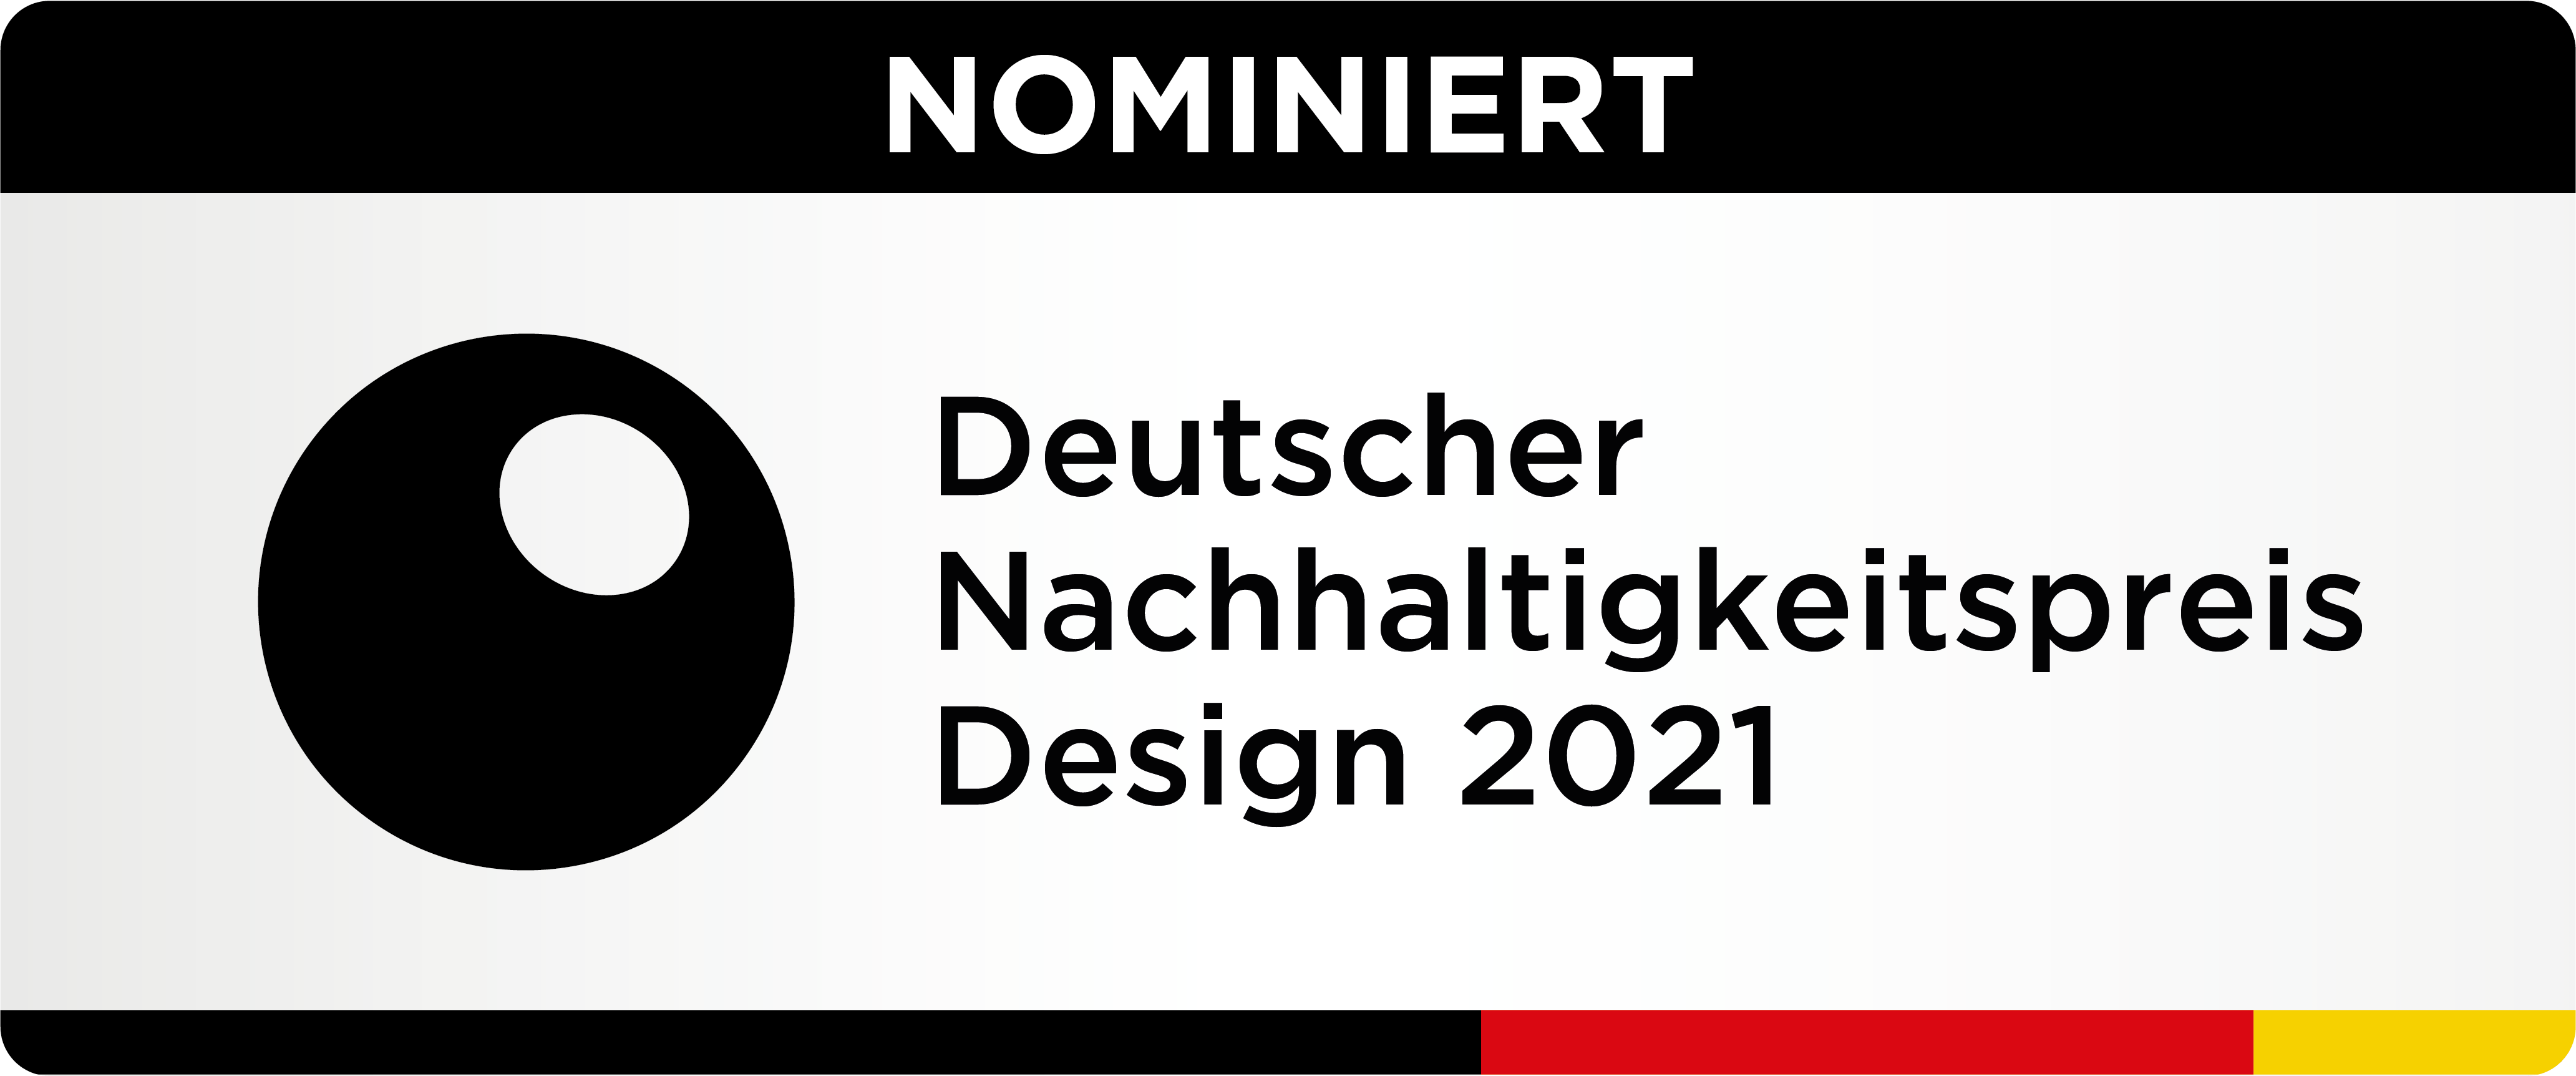 DNP_2021_SIEGEL-DESIGN_NOMINIERT